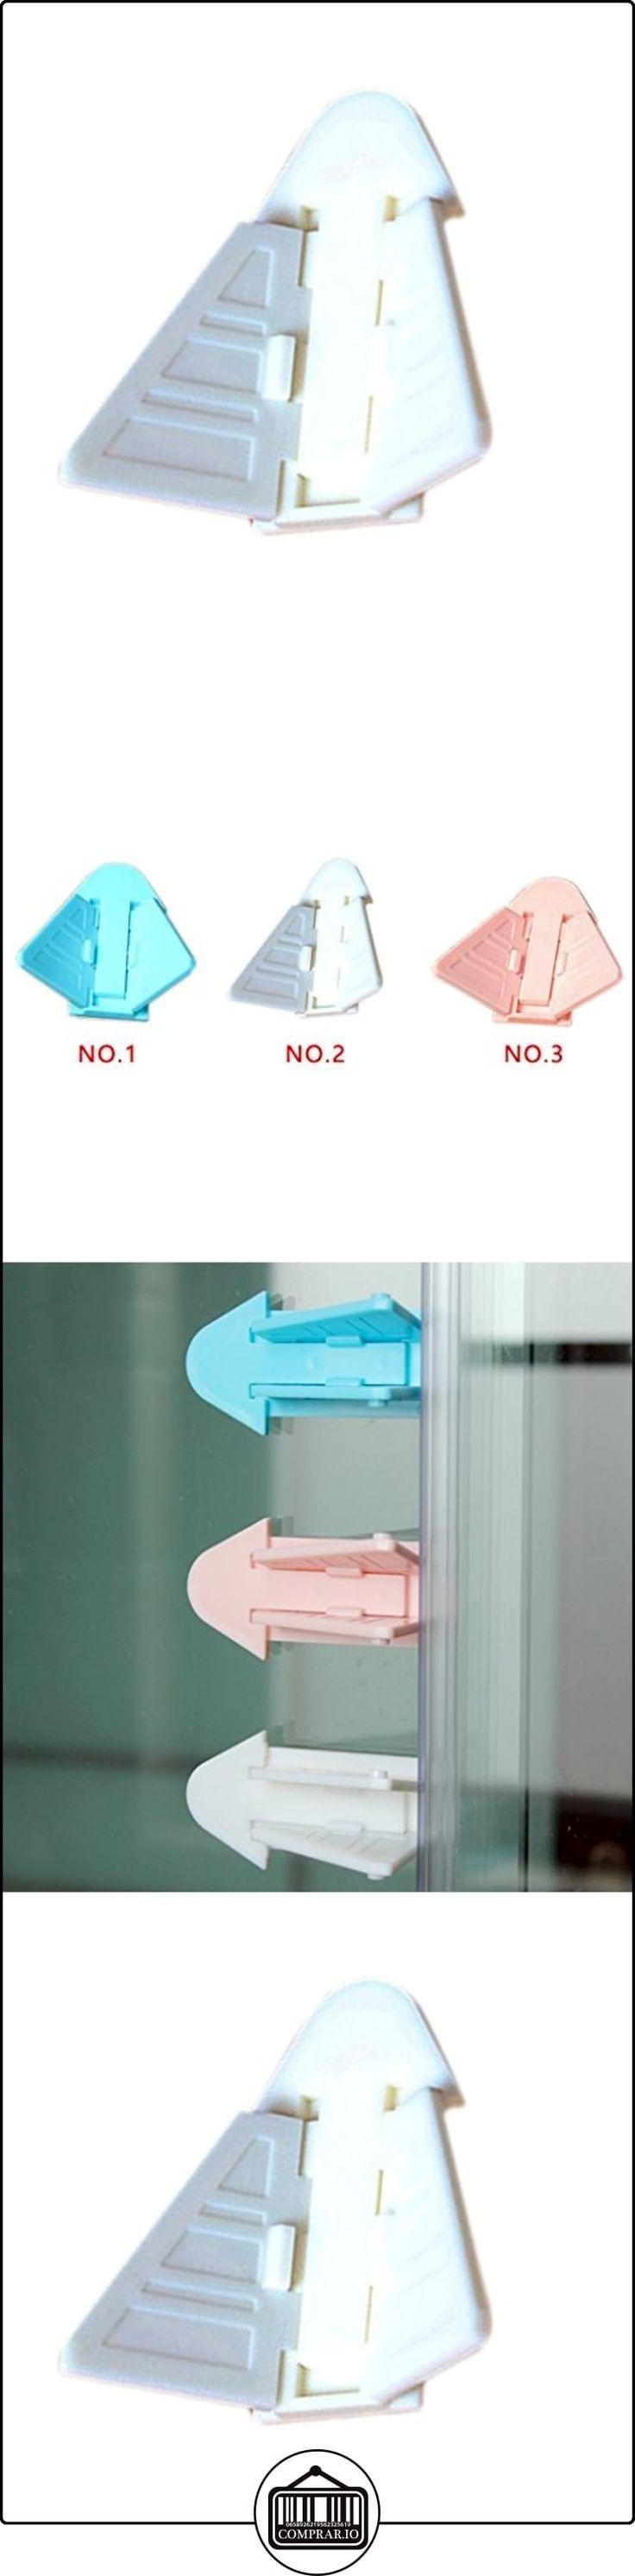 LUFA 6pcs Seguridad para bebés Cerraduras para ventanas correderas Cerraduras de seguridad para niños Cerraduras para ventanas enrollables  ✿ Seguridad para tu bebé - (Protege a tus hijos) ✿ ▬► Ver oferta: http://comprar.io/goto/B06XB7FN55